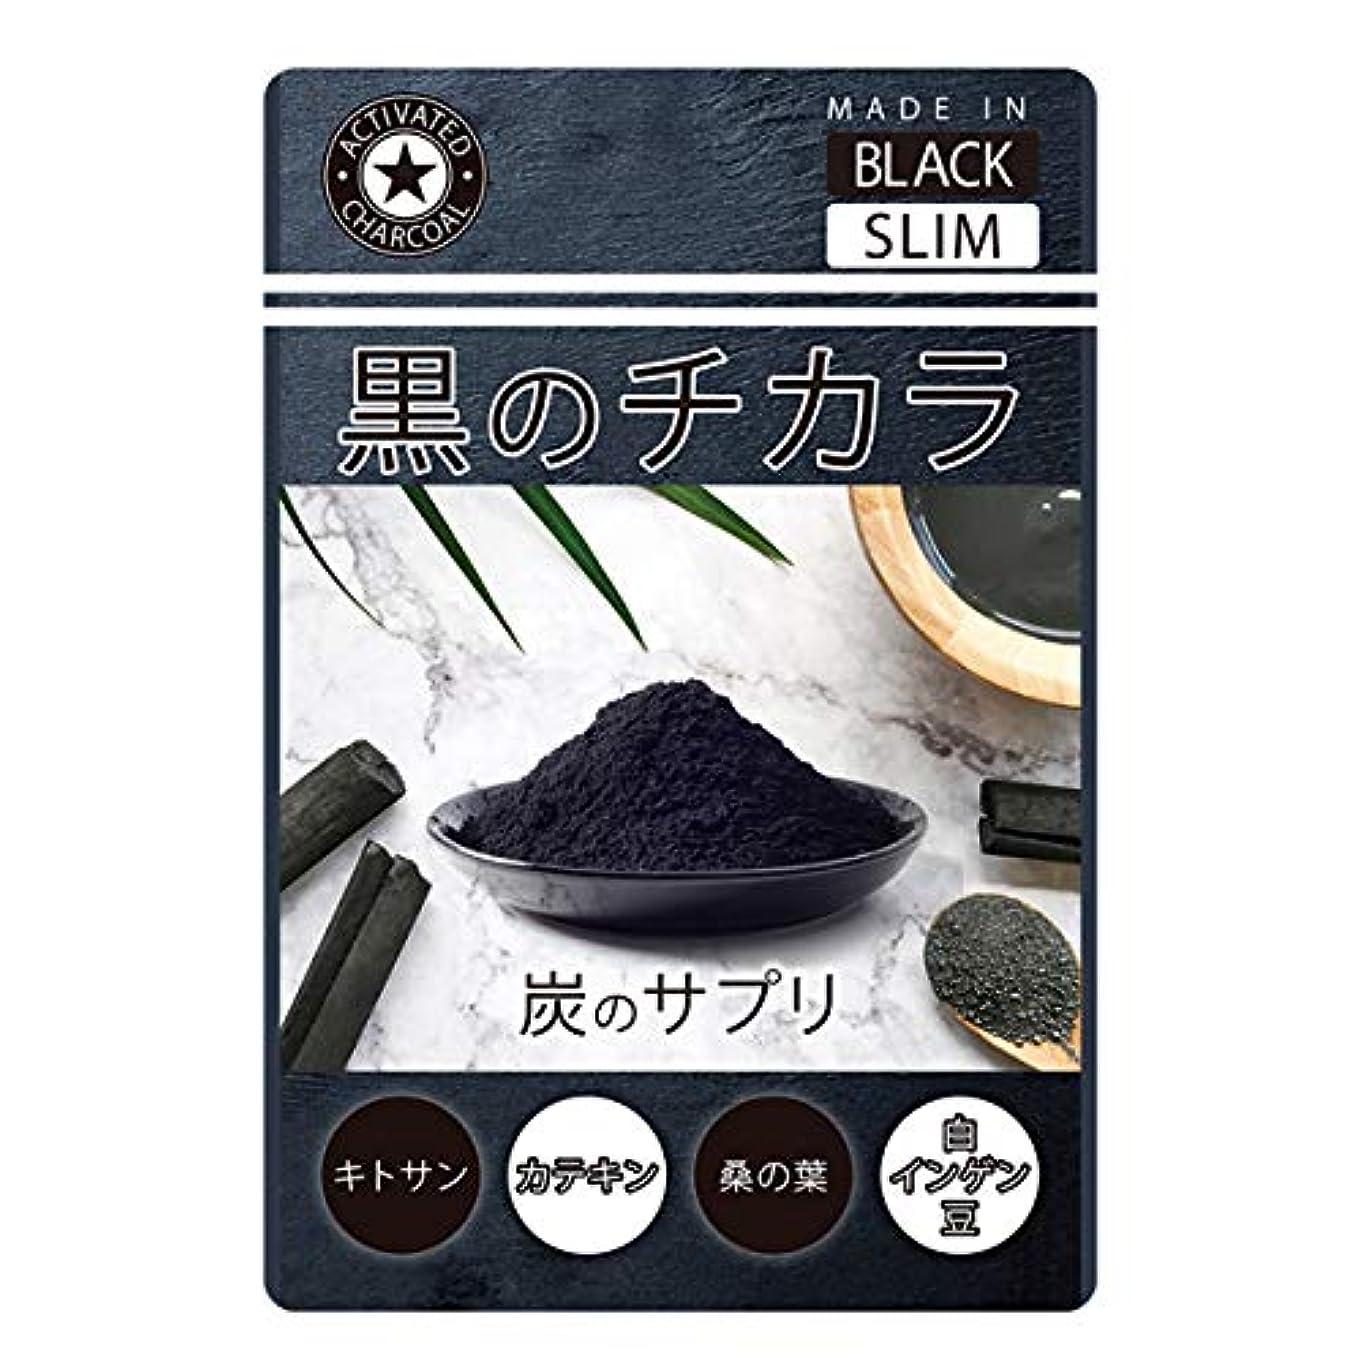 枯渇する訴えるプレビスサイト活性炭サプリ 黒のチカラ チャコールダイエット 炭ダイエット 活性炭DIET 炭のチカラ ダイエット サプリメント 炭サプリメント【約3ヶ月分】